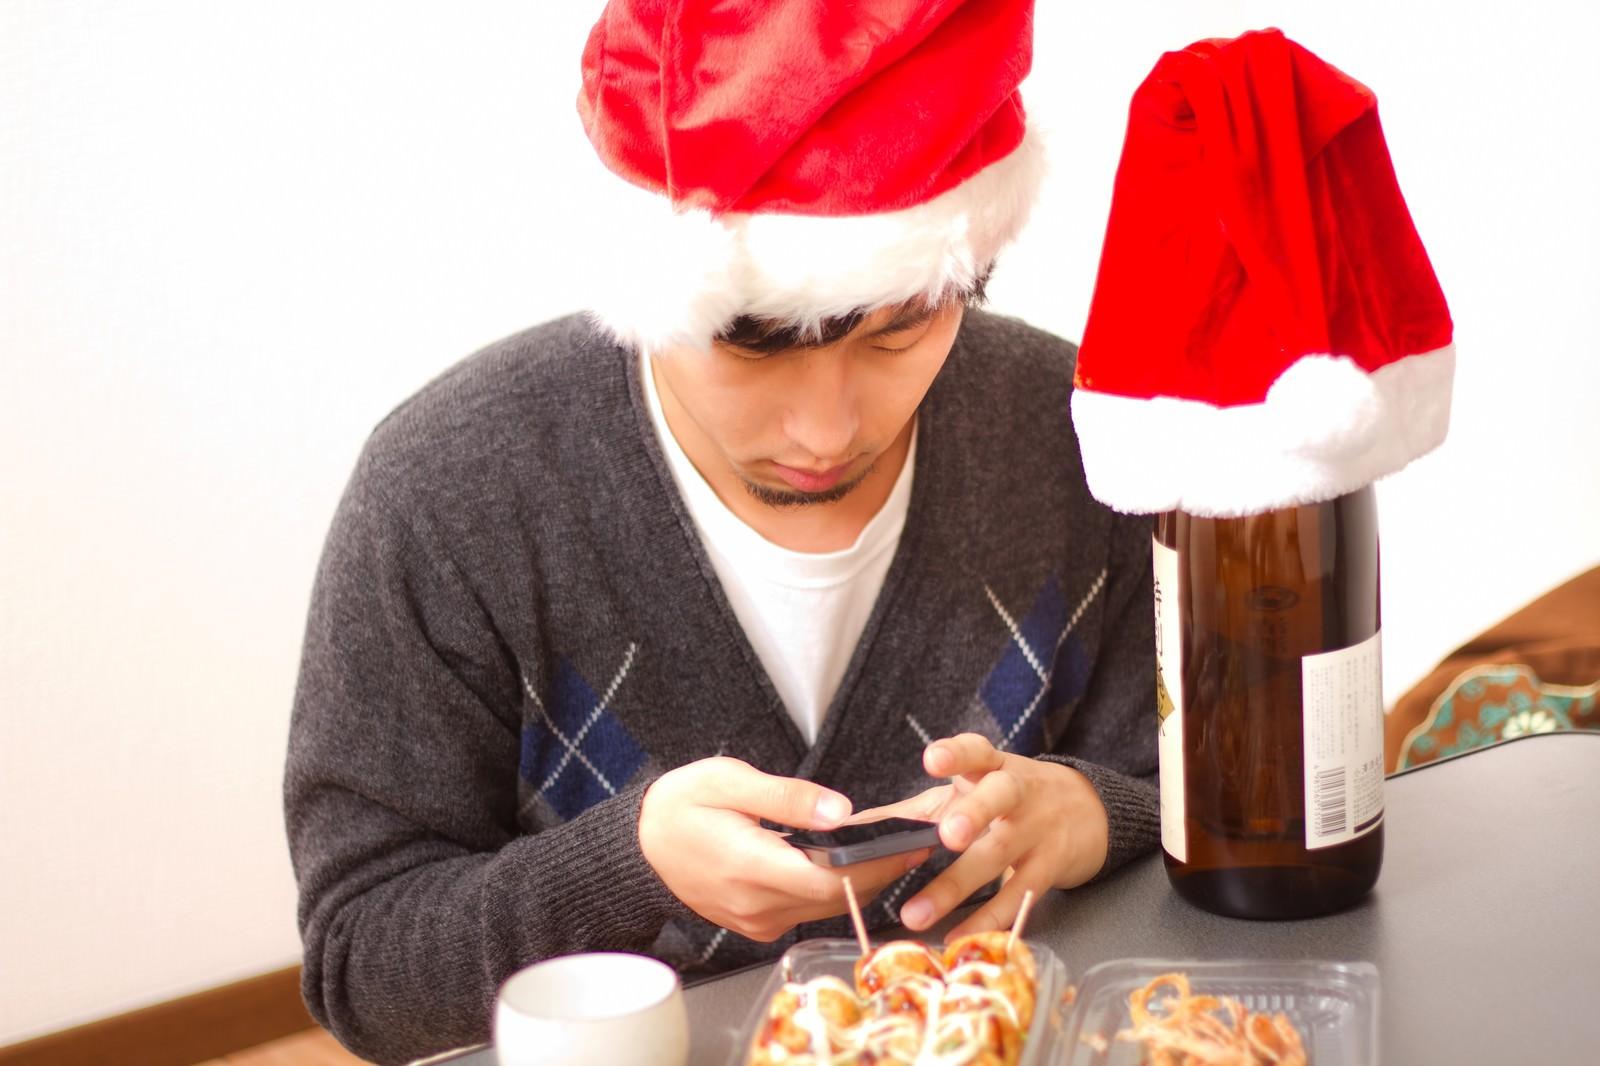 「メールが来ているかスマホを確認するサンタ帽をかぶったクリぼっち」の写真[モデル:大川竜弥]